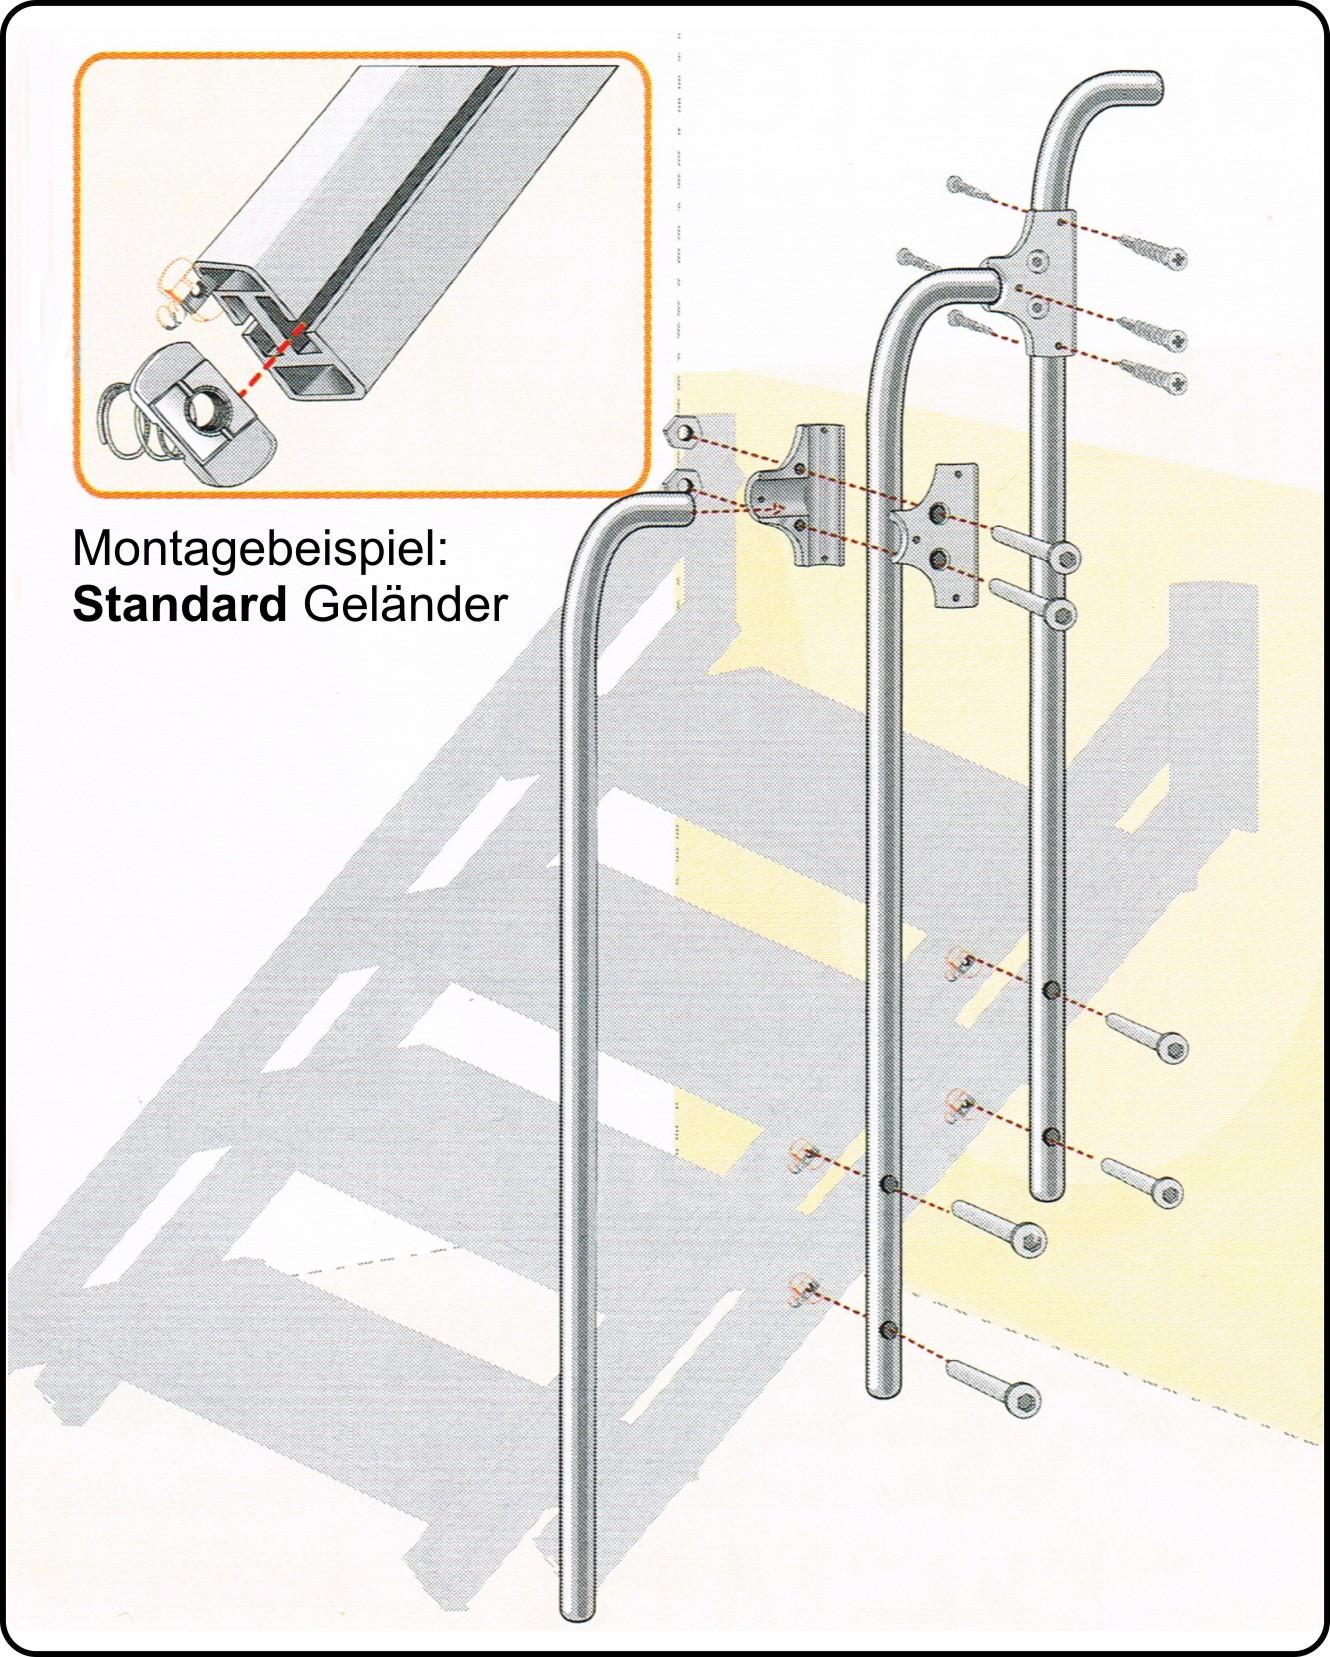 MO-Beispiel-Standard